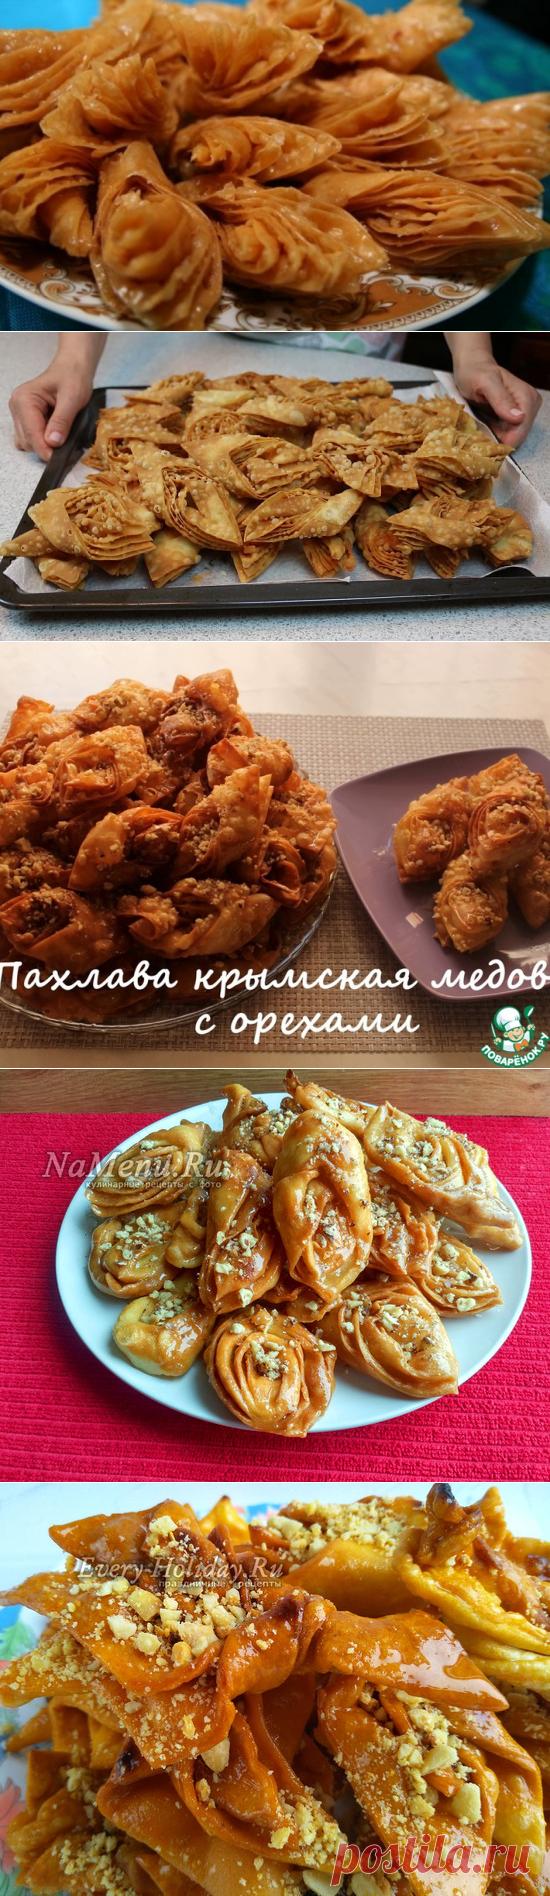 Пахлава Крымская - медовая, с орехами, в сахарном сиропе, 6 рецептов пошагово с фото